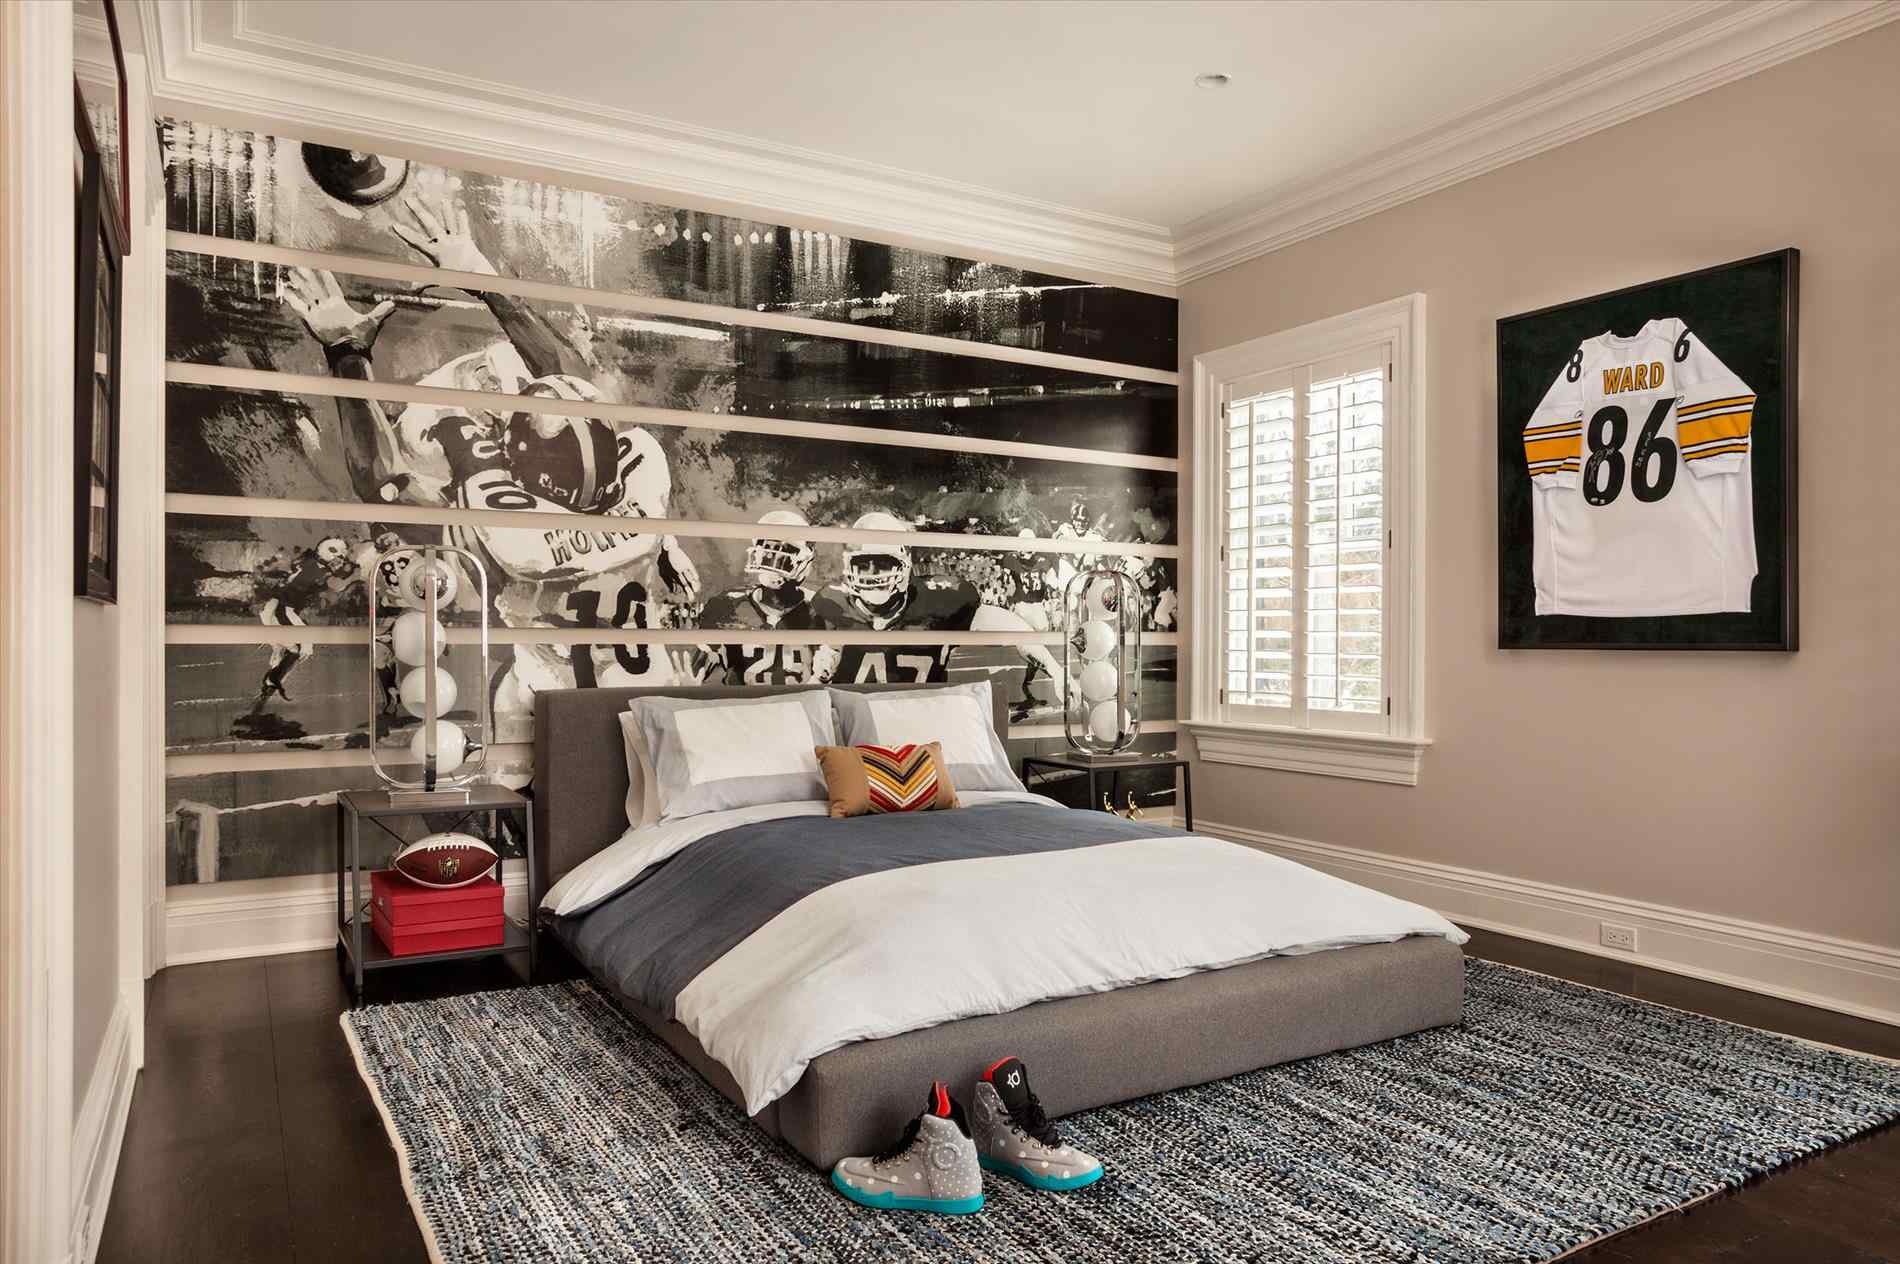 Simple Bedroom Decorating Ideas, 30 Simple ideas - Bedroom A Boys bedrooms decorating ideas pictures